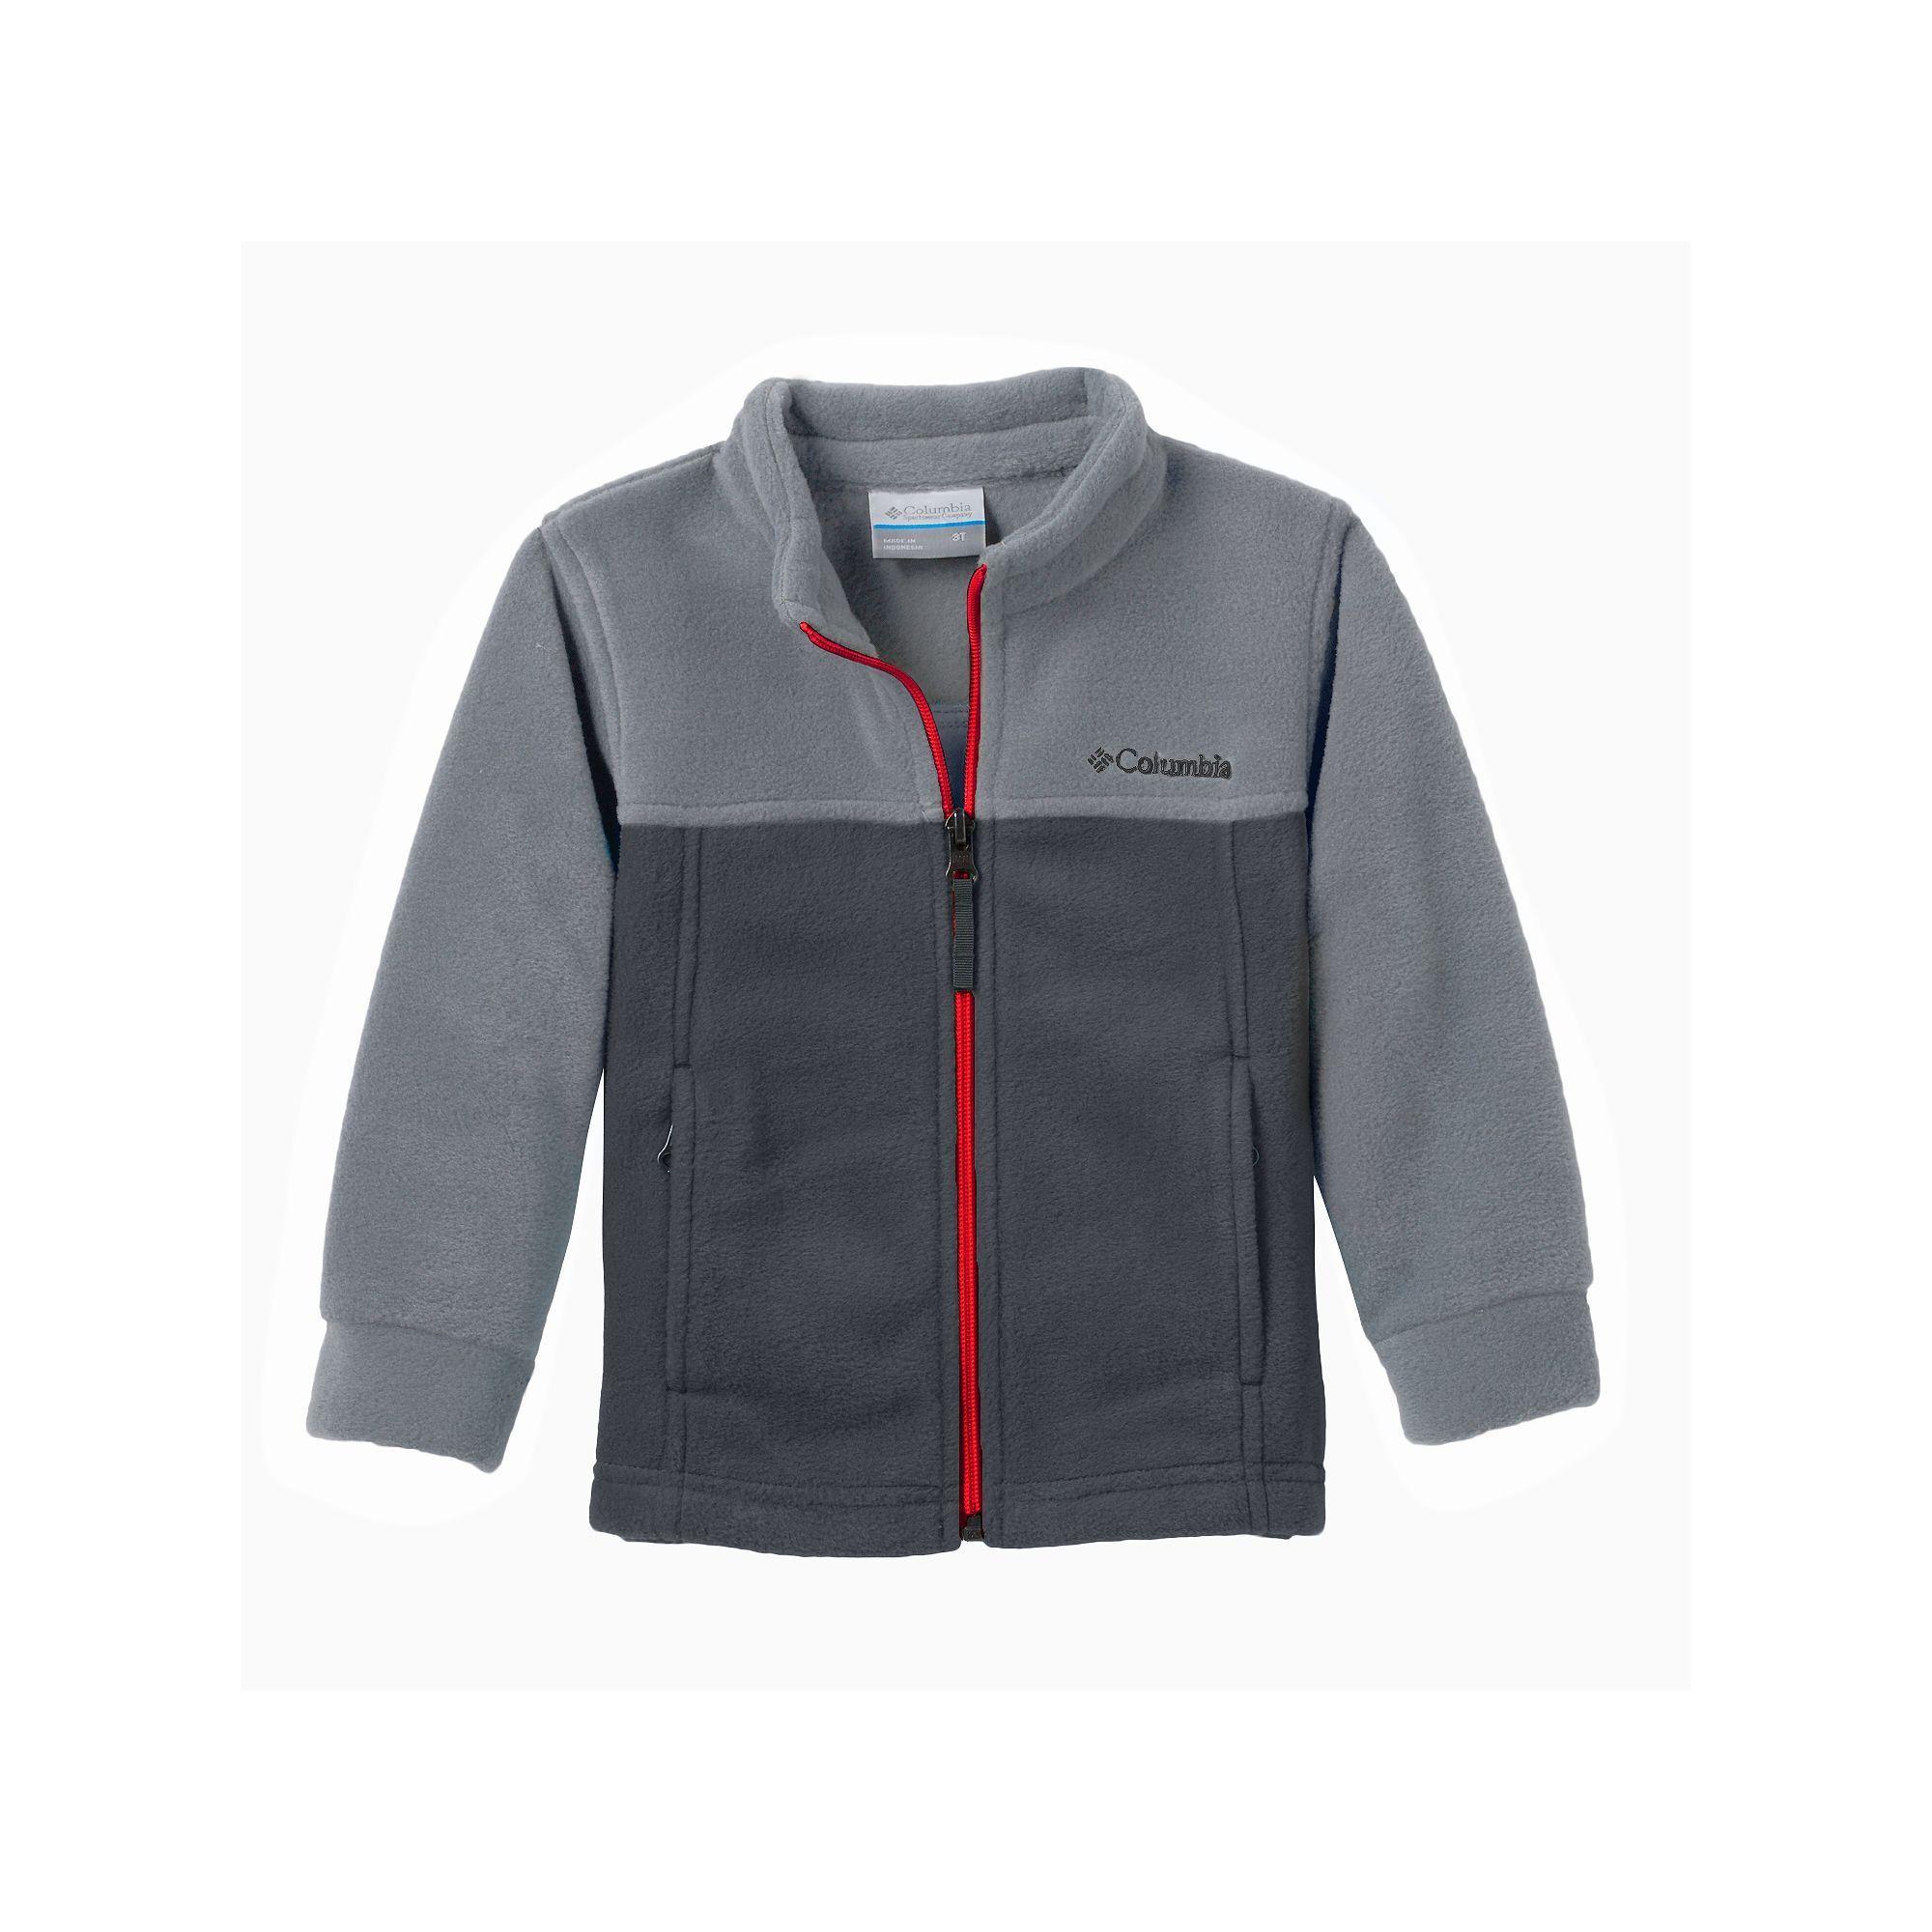 624da41f2 Toddler Boy Columbia Lightweight Fleece Jacket